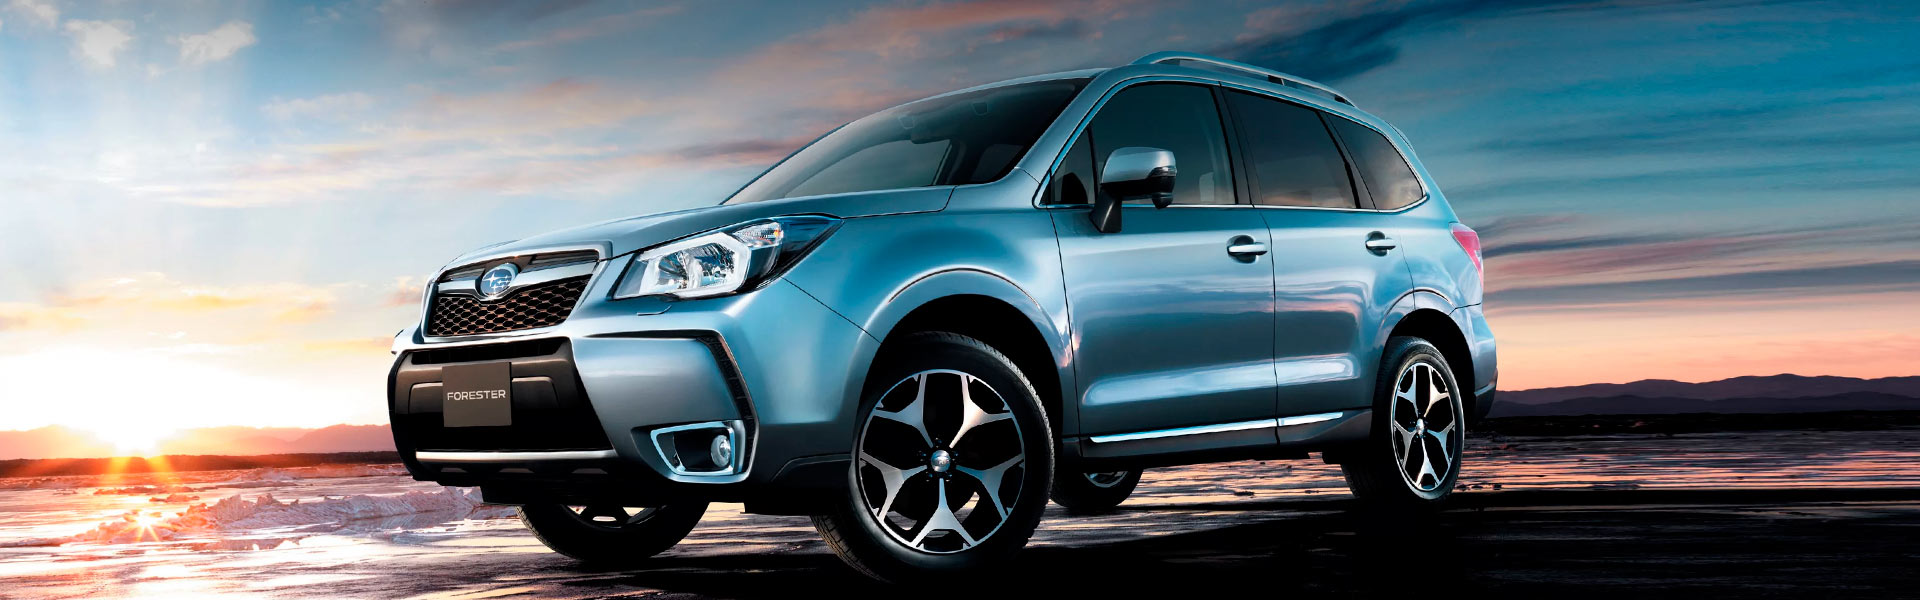 Ремонт вариатора Subaru